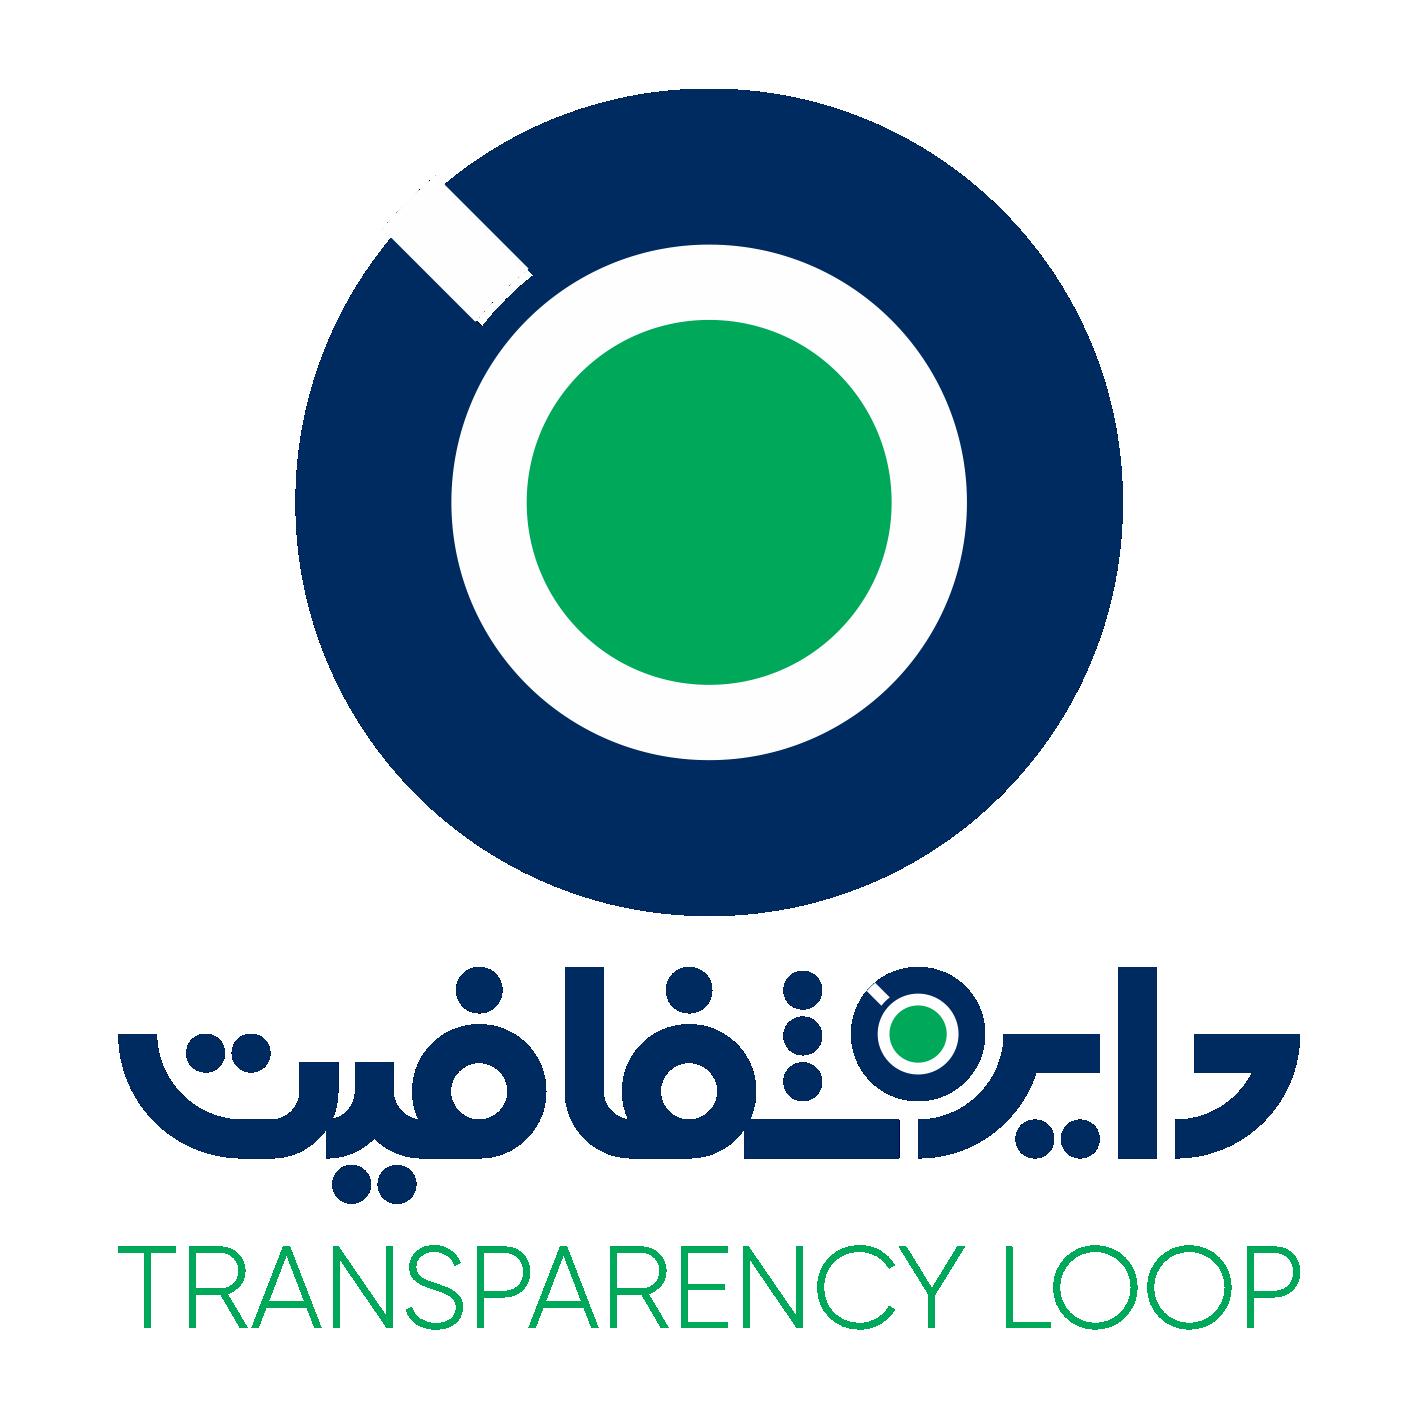 اپیزود اول-پادکست دایره شفافیت-قانون دسترسی آزاد به اطلاعات در افغانستان